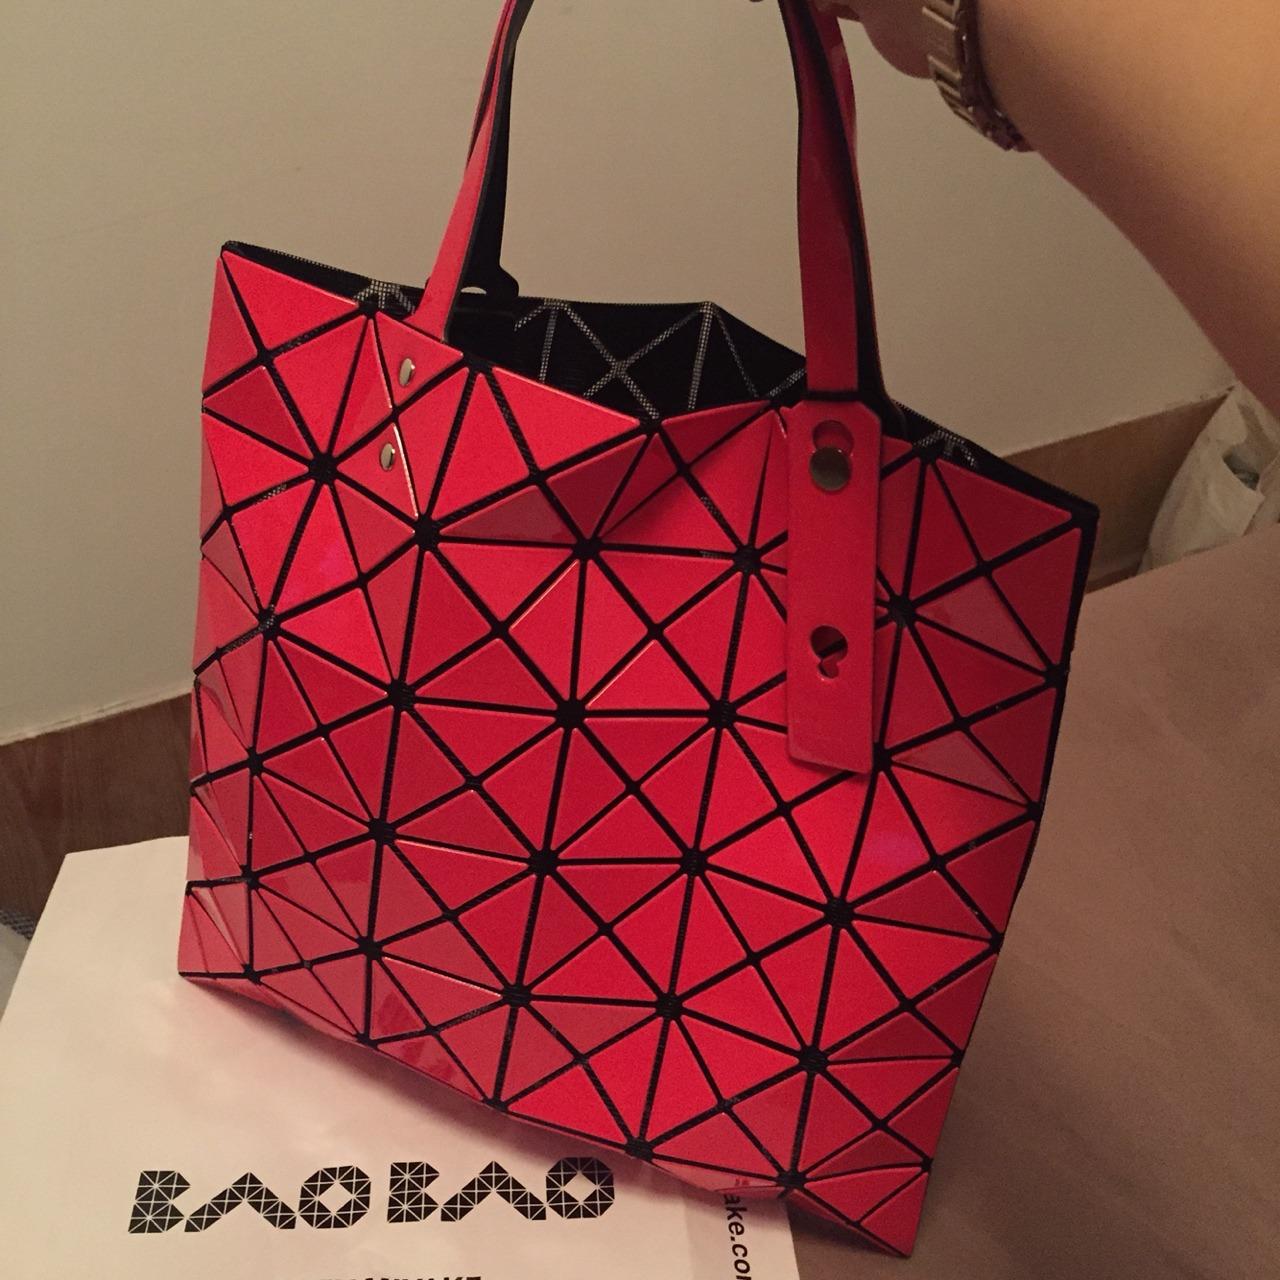 包 包包 包装 包装设计 购物纸袋 挎包手袋 女包 手提包 纸袋 1280_12